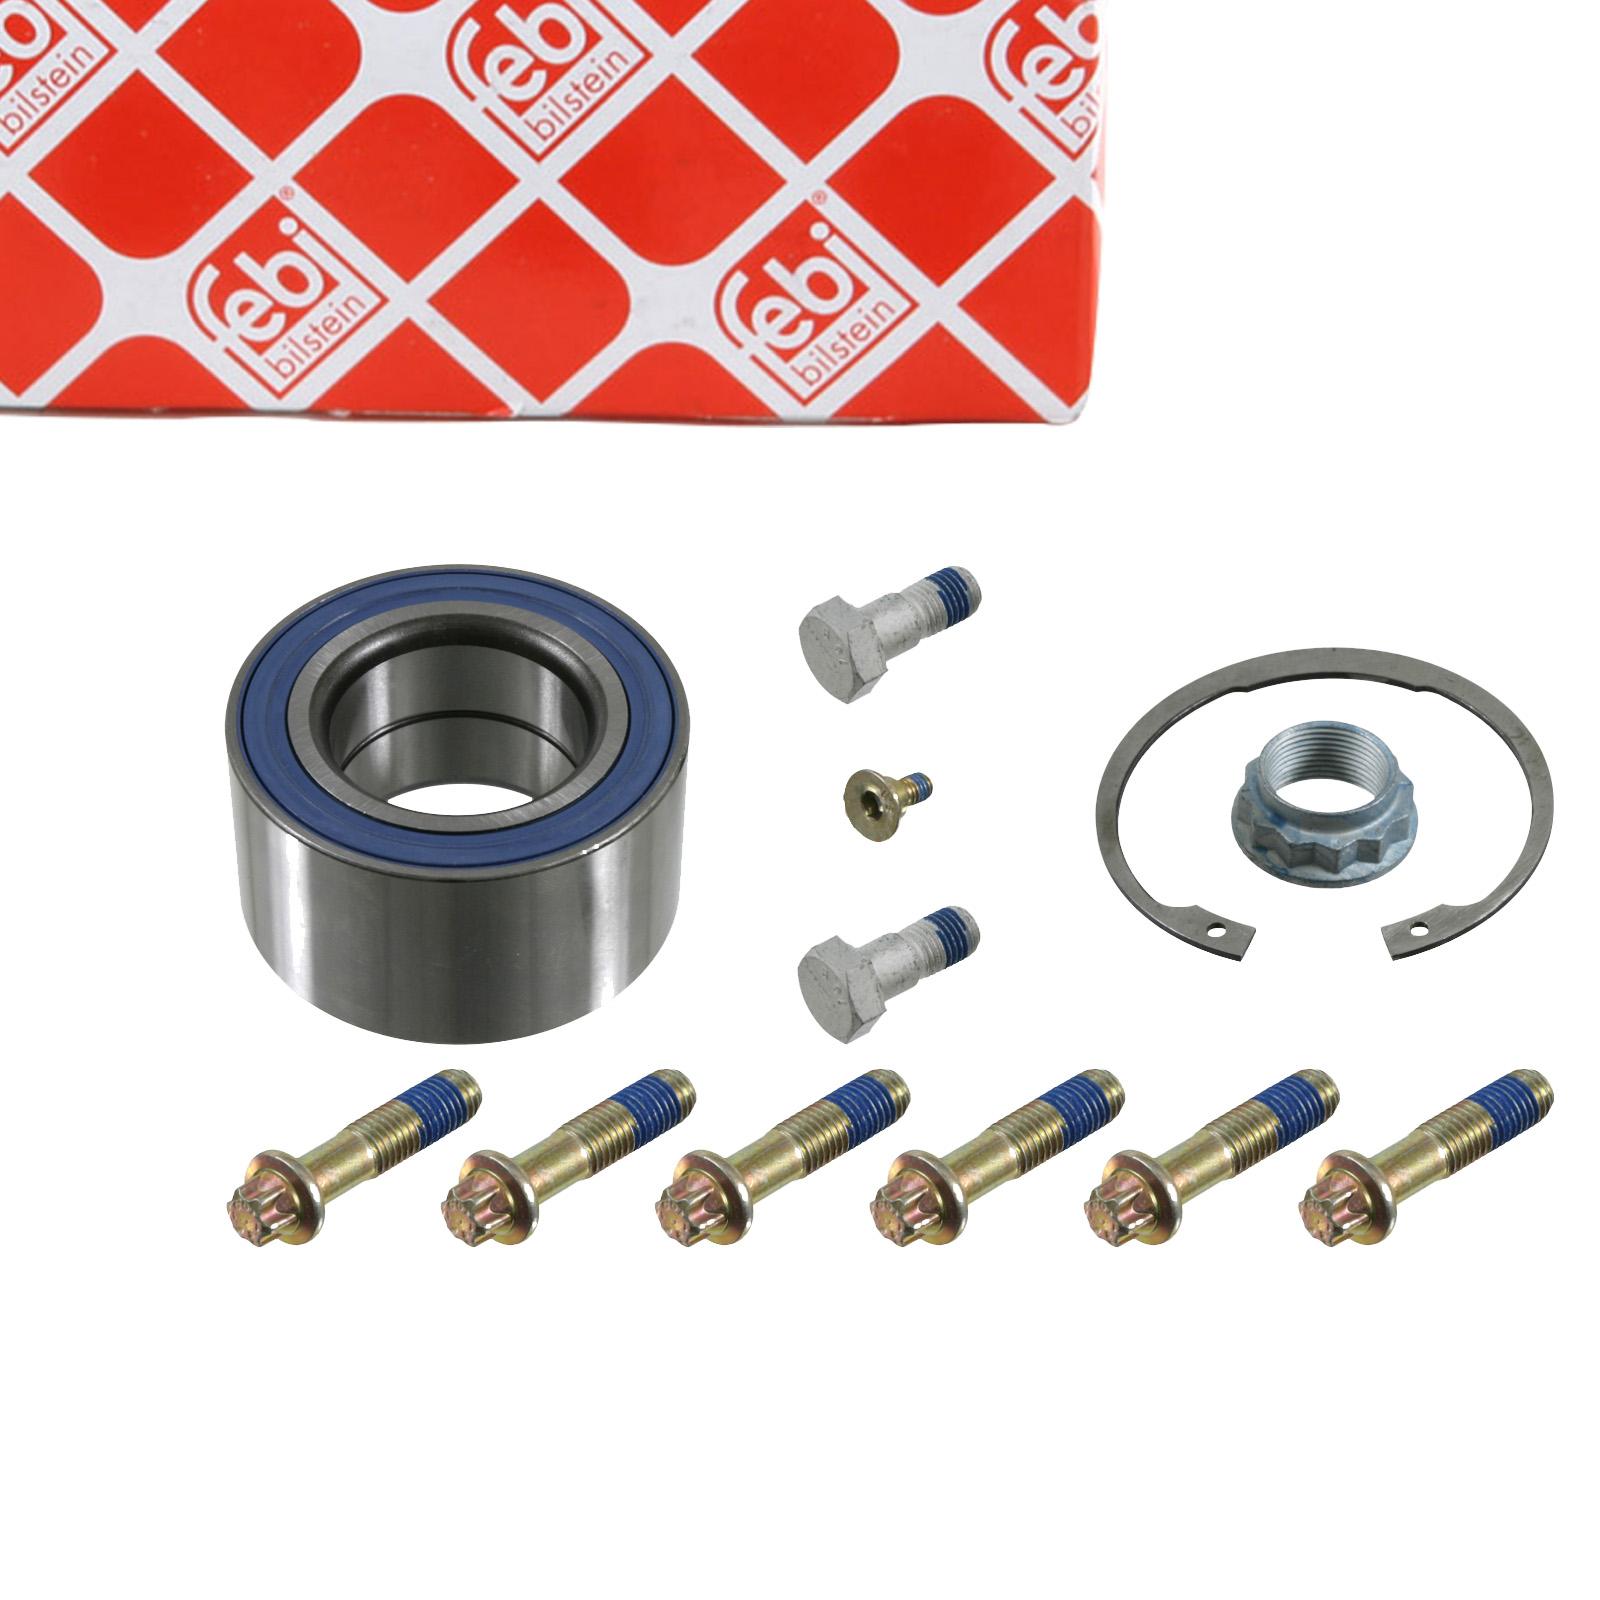 FEBI 08219 Radlagersatz Radlager MERCEDES W124 S420-600 / 400SE-600SE hinten A1403500149